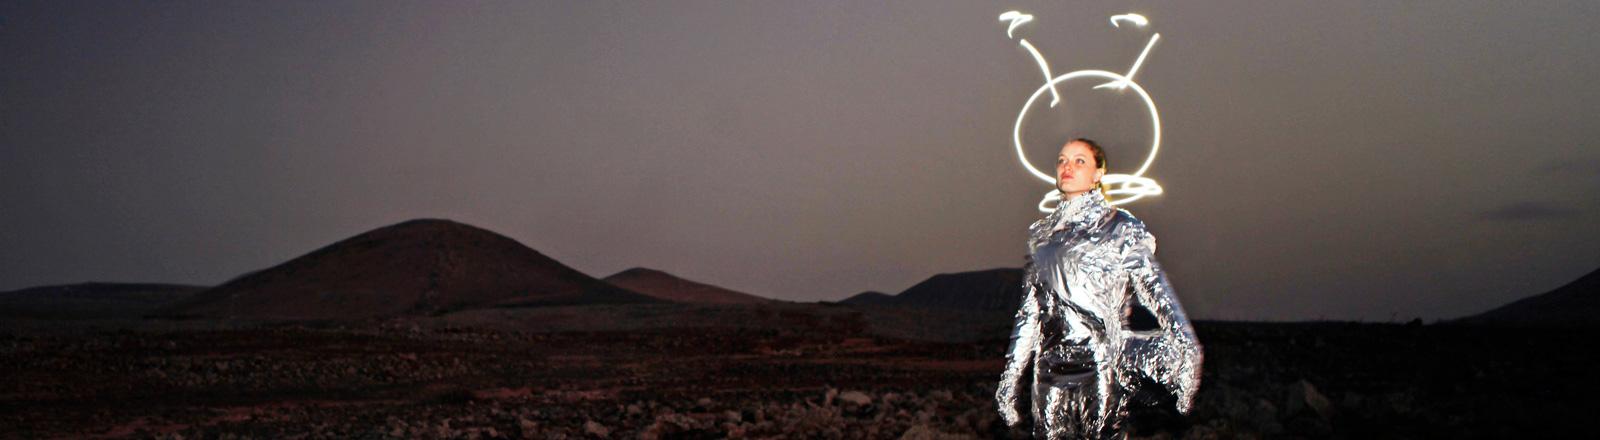 Eine Frau in Alupapier gehüllt steht vor einer kargen Landschaft. Um ihren Kopf herum ist nachträglich eine Art Helm gezeichnet.